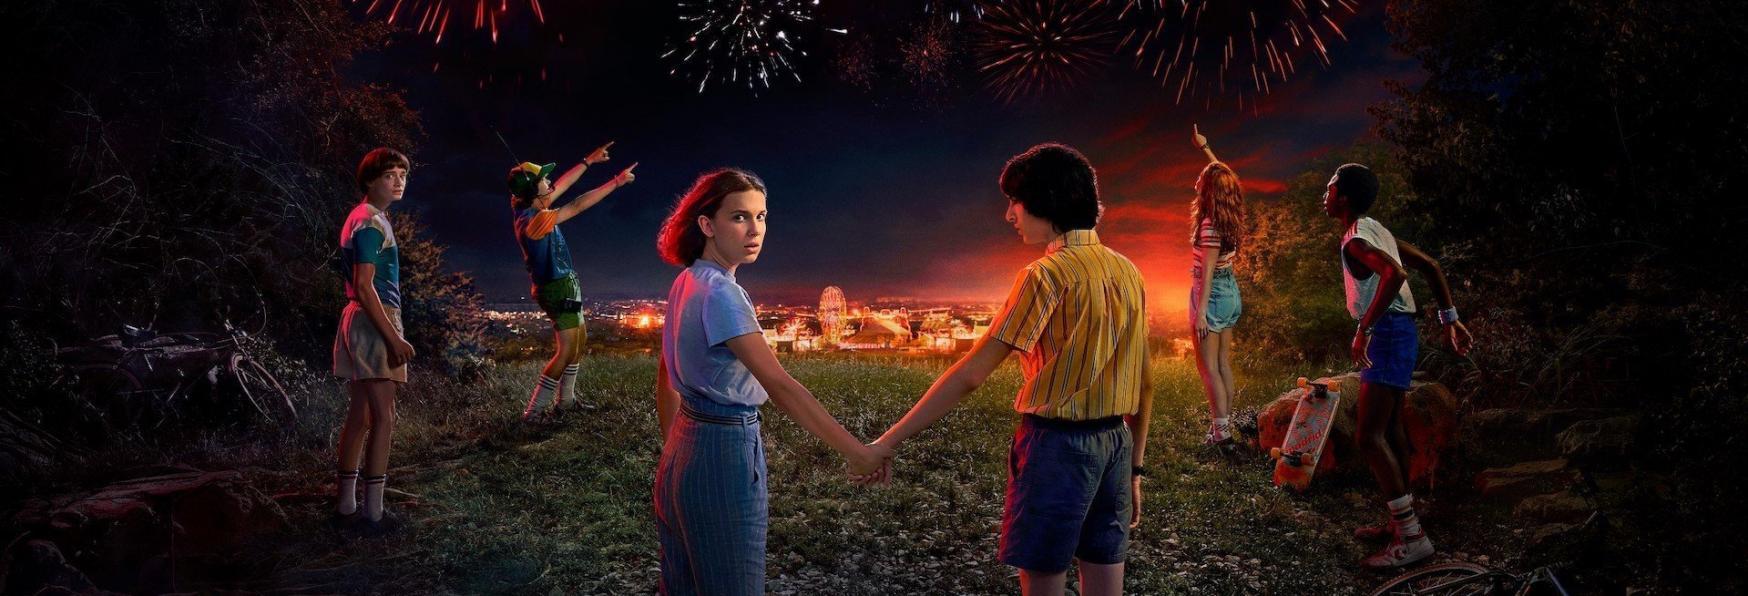 Stranger Things 4: nella nuova Stagione la Serie TV Netflix si sposta in New Mexico